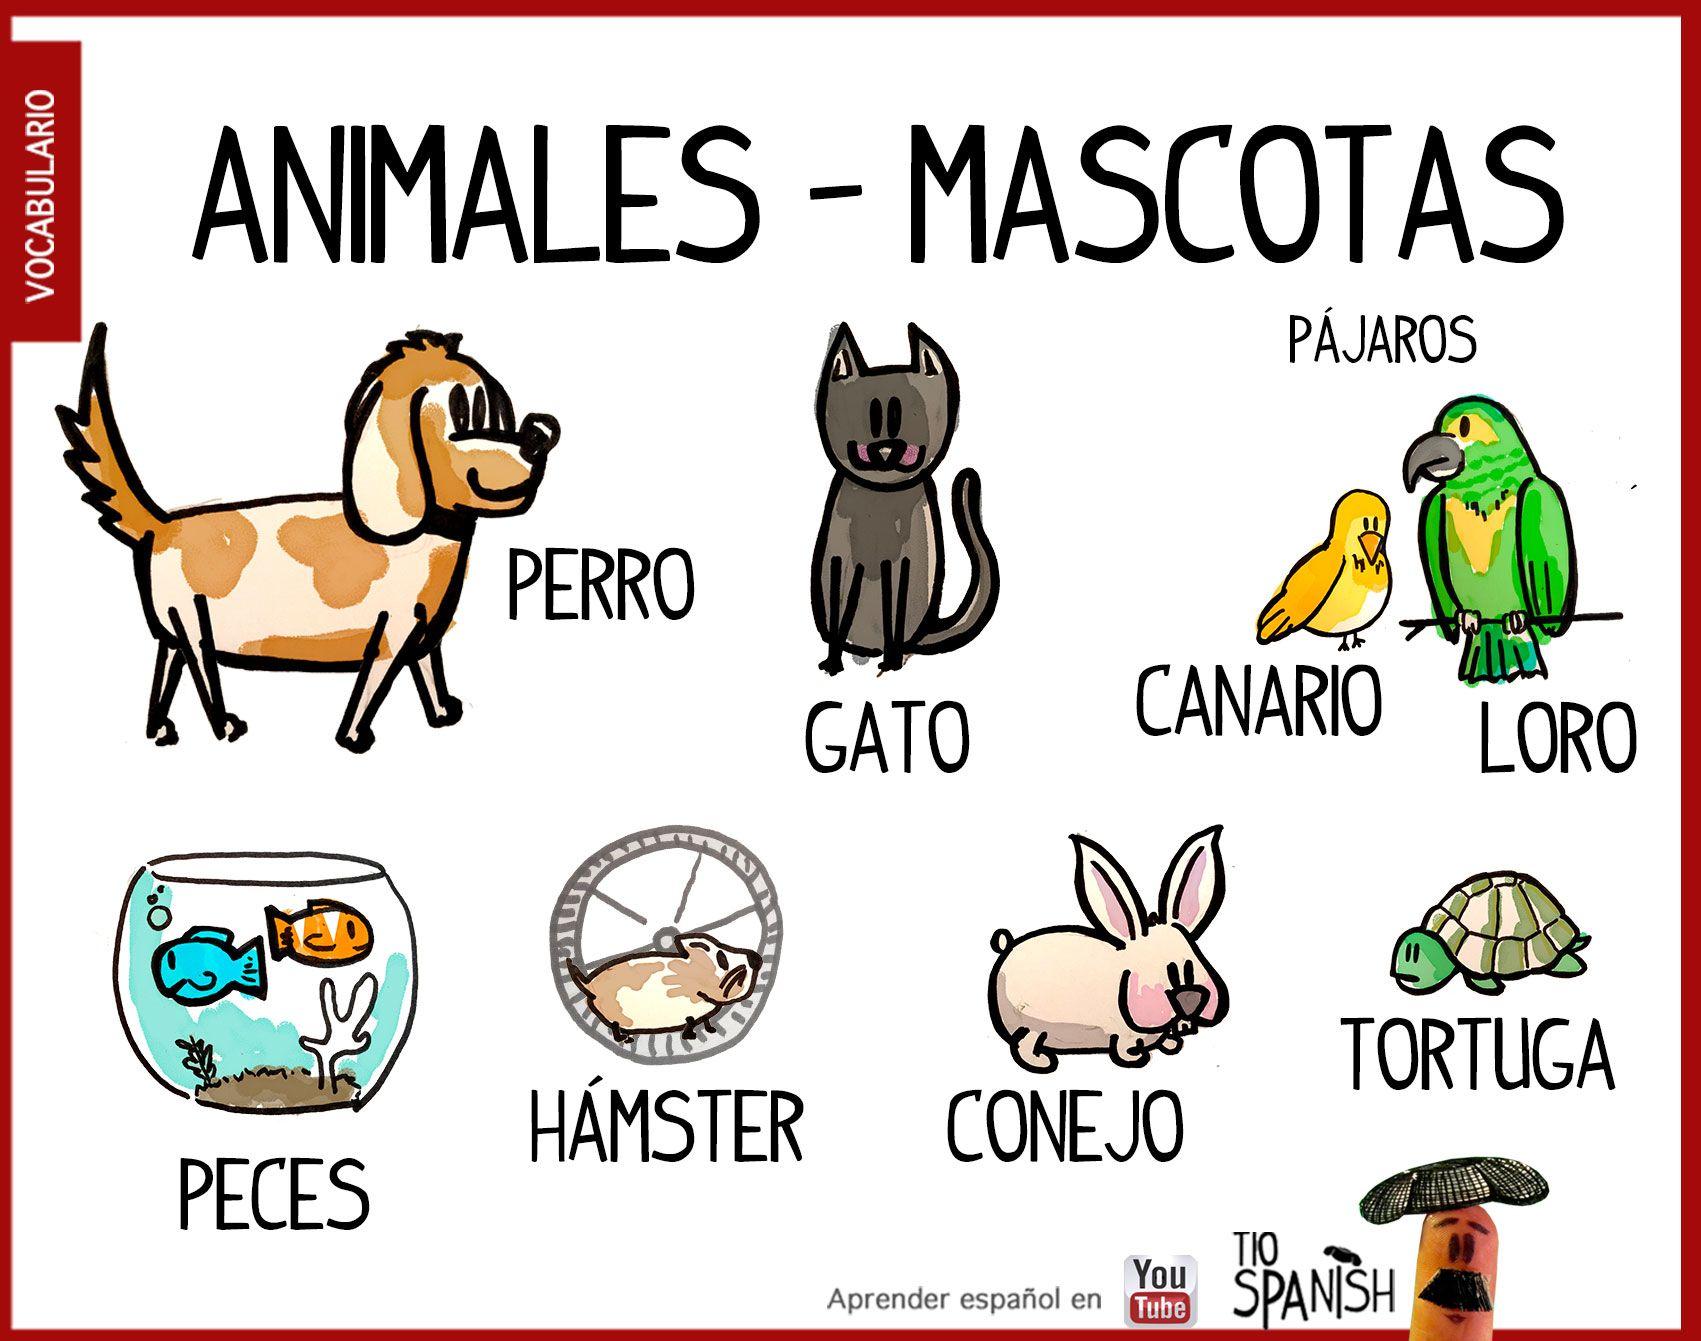 Las mascotas, animales domésticos en español. Vocabulario español inicial  animales